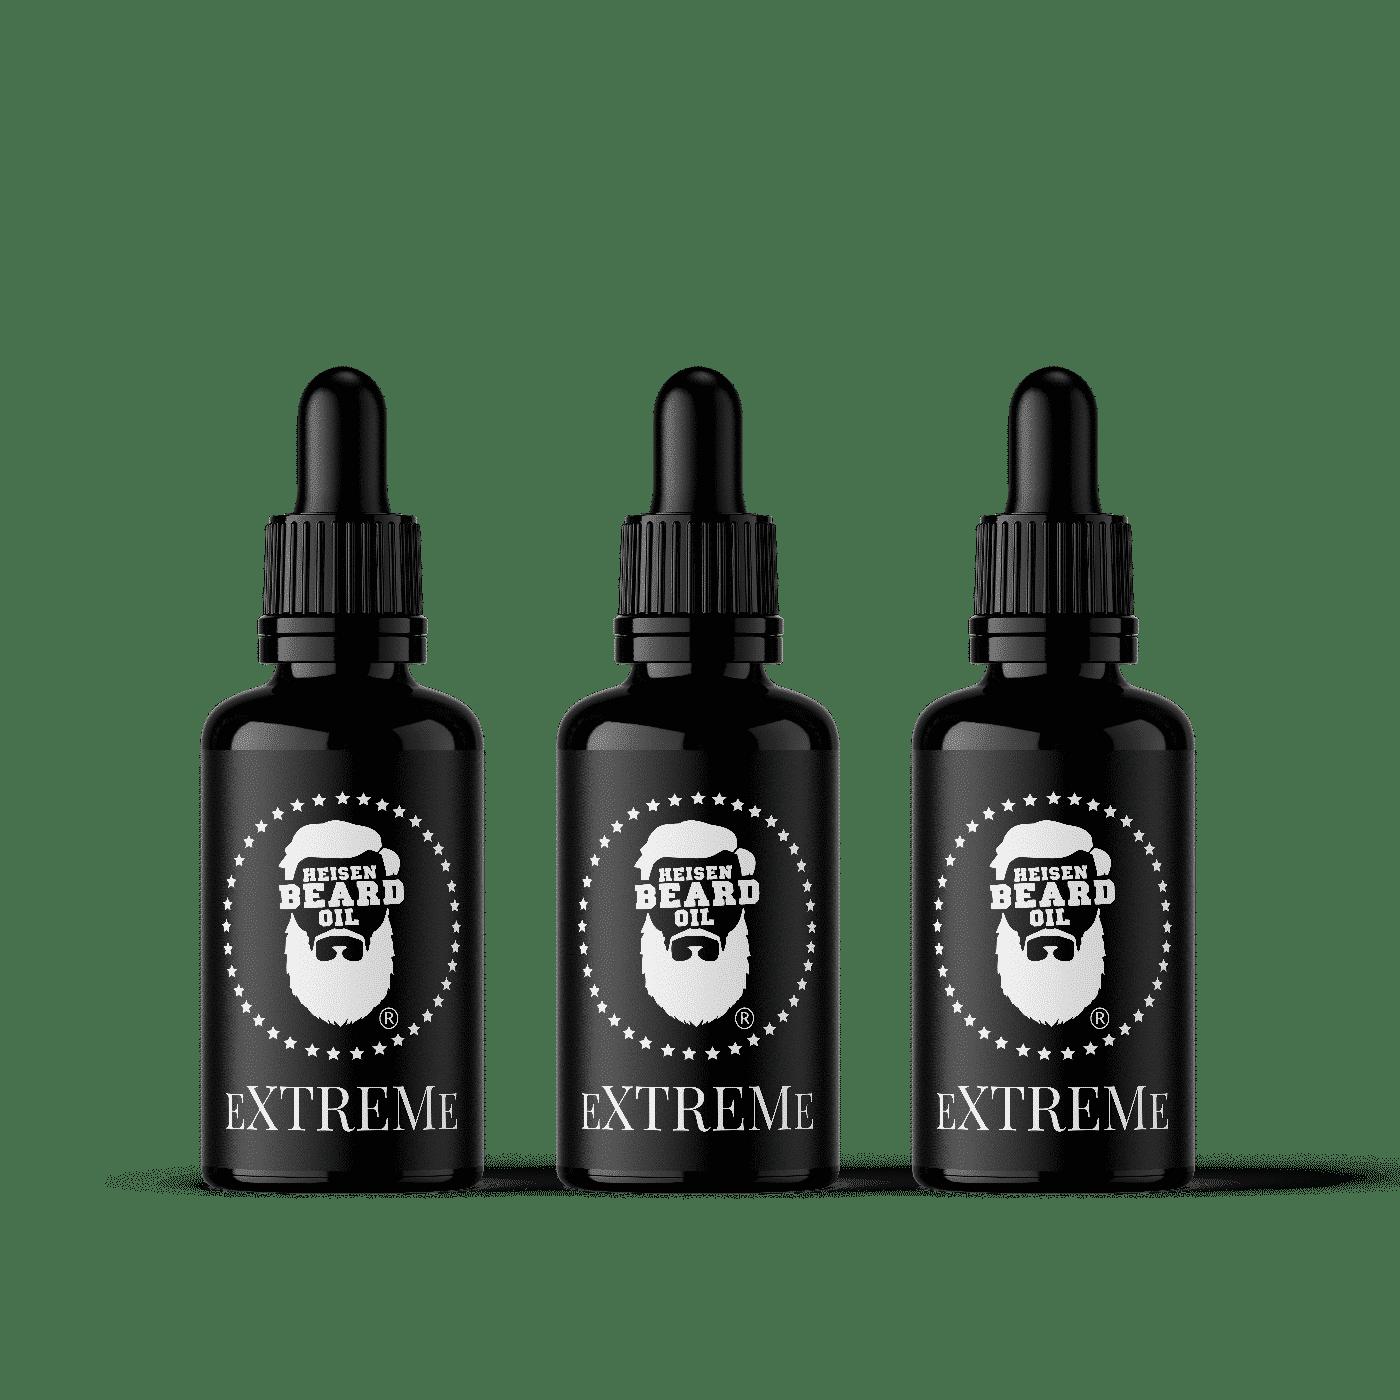 Bartöl Extreme Kur - 3x 30ml - Hoher Rizinusgehalt für schnelles Bartwachstum